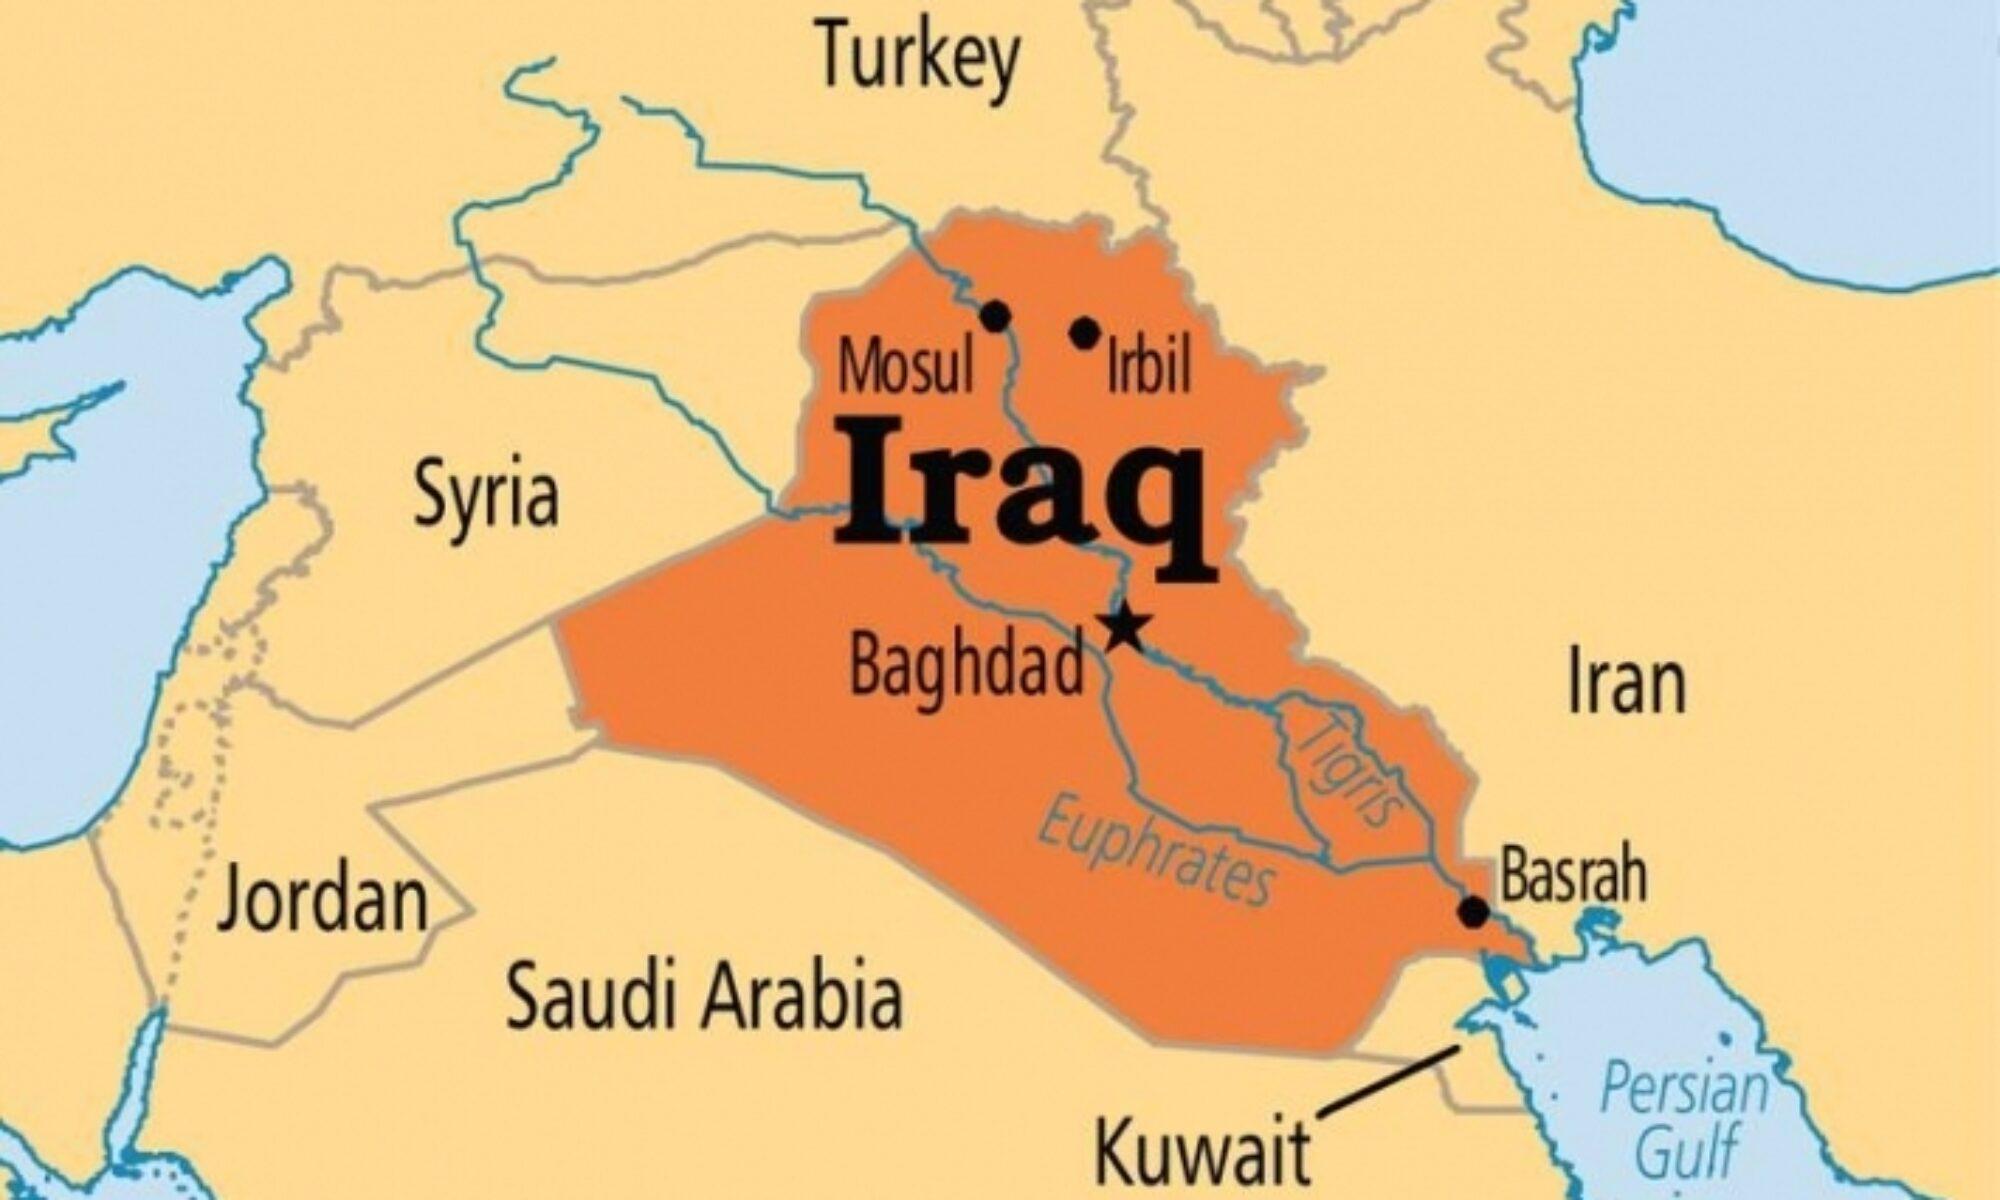 Iraklı siyasi gözlemci Meşhedani: İngilizlerin çizdiği sınırlar anlamını yitirdi, Irak yıkılmalı, Kürdistan kurulmalı